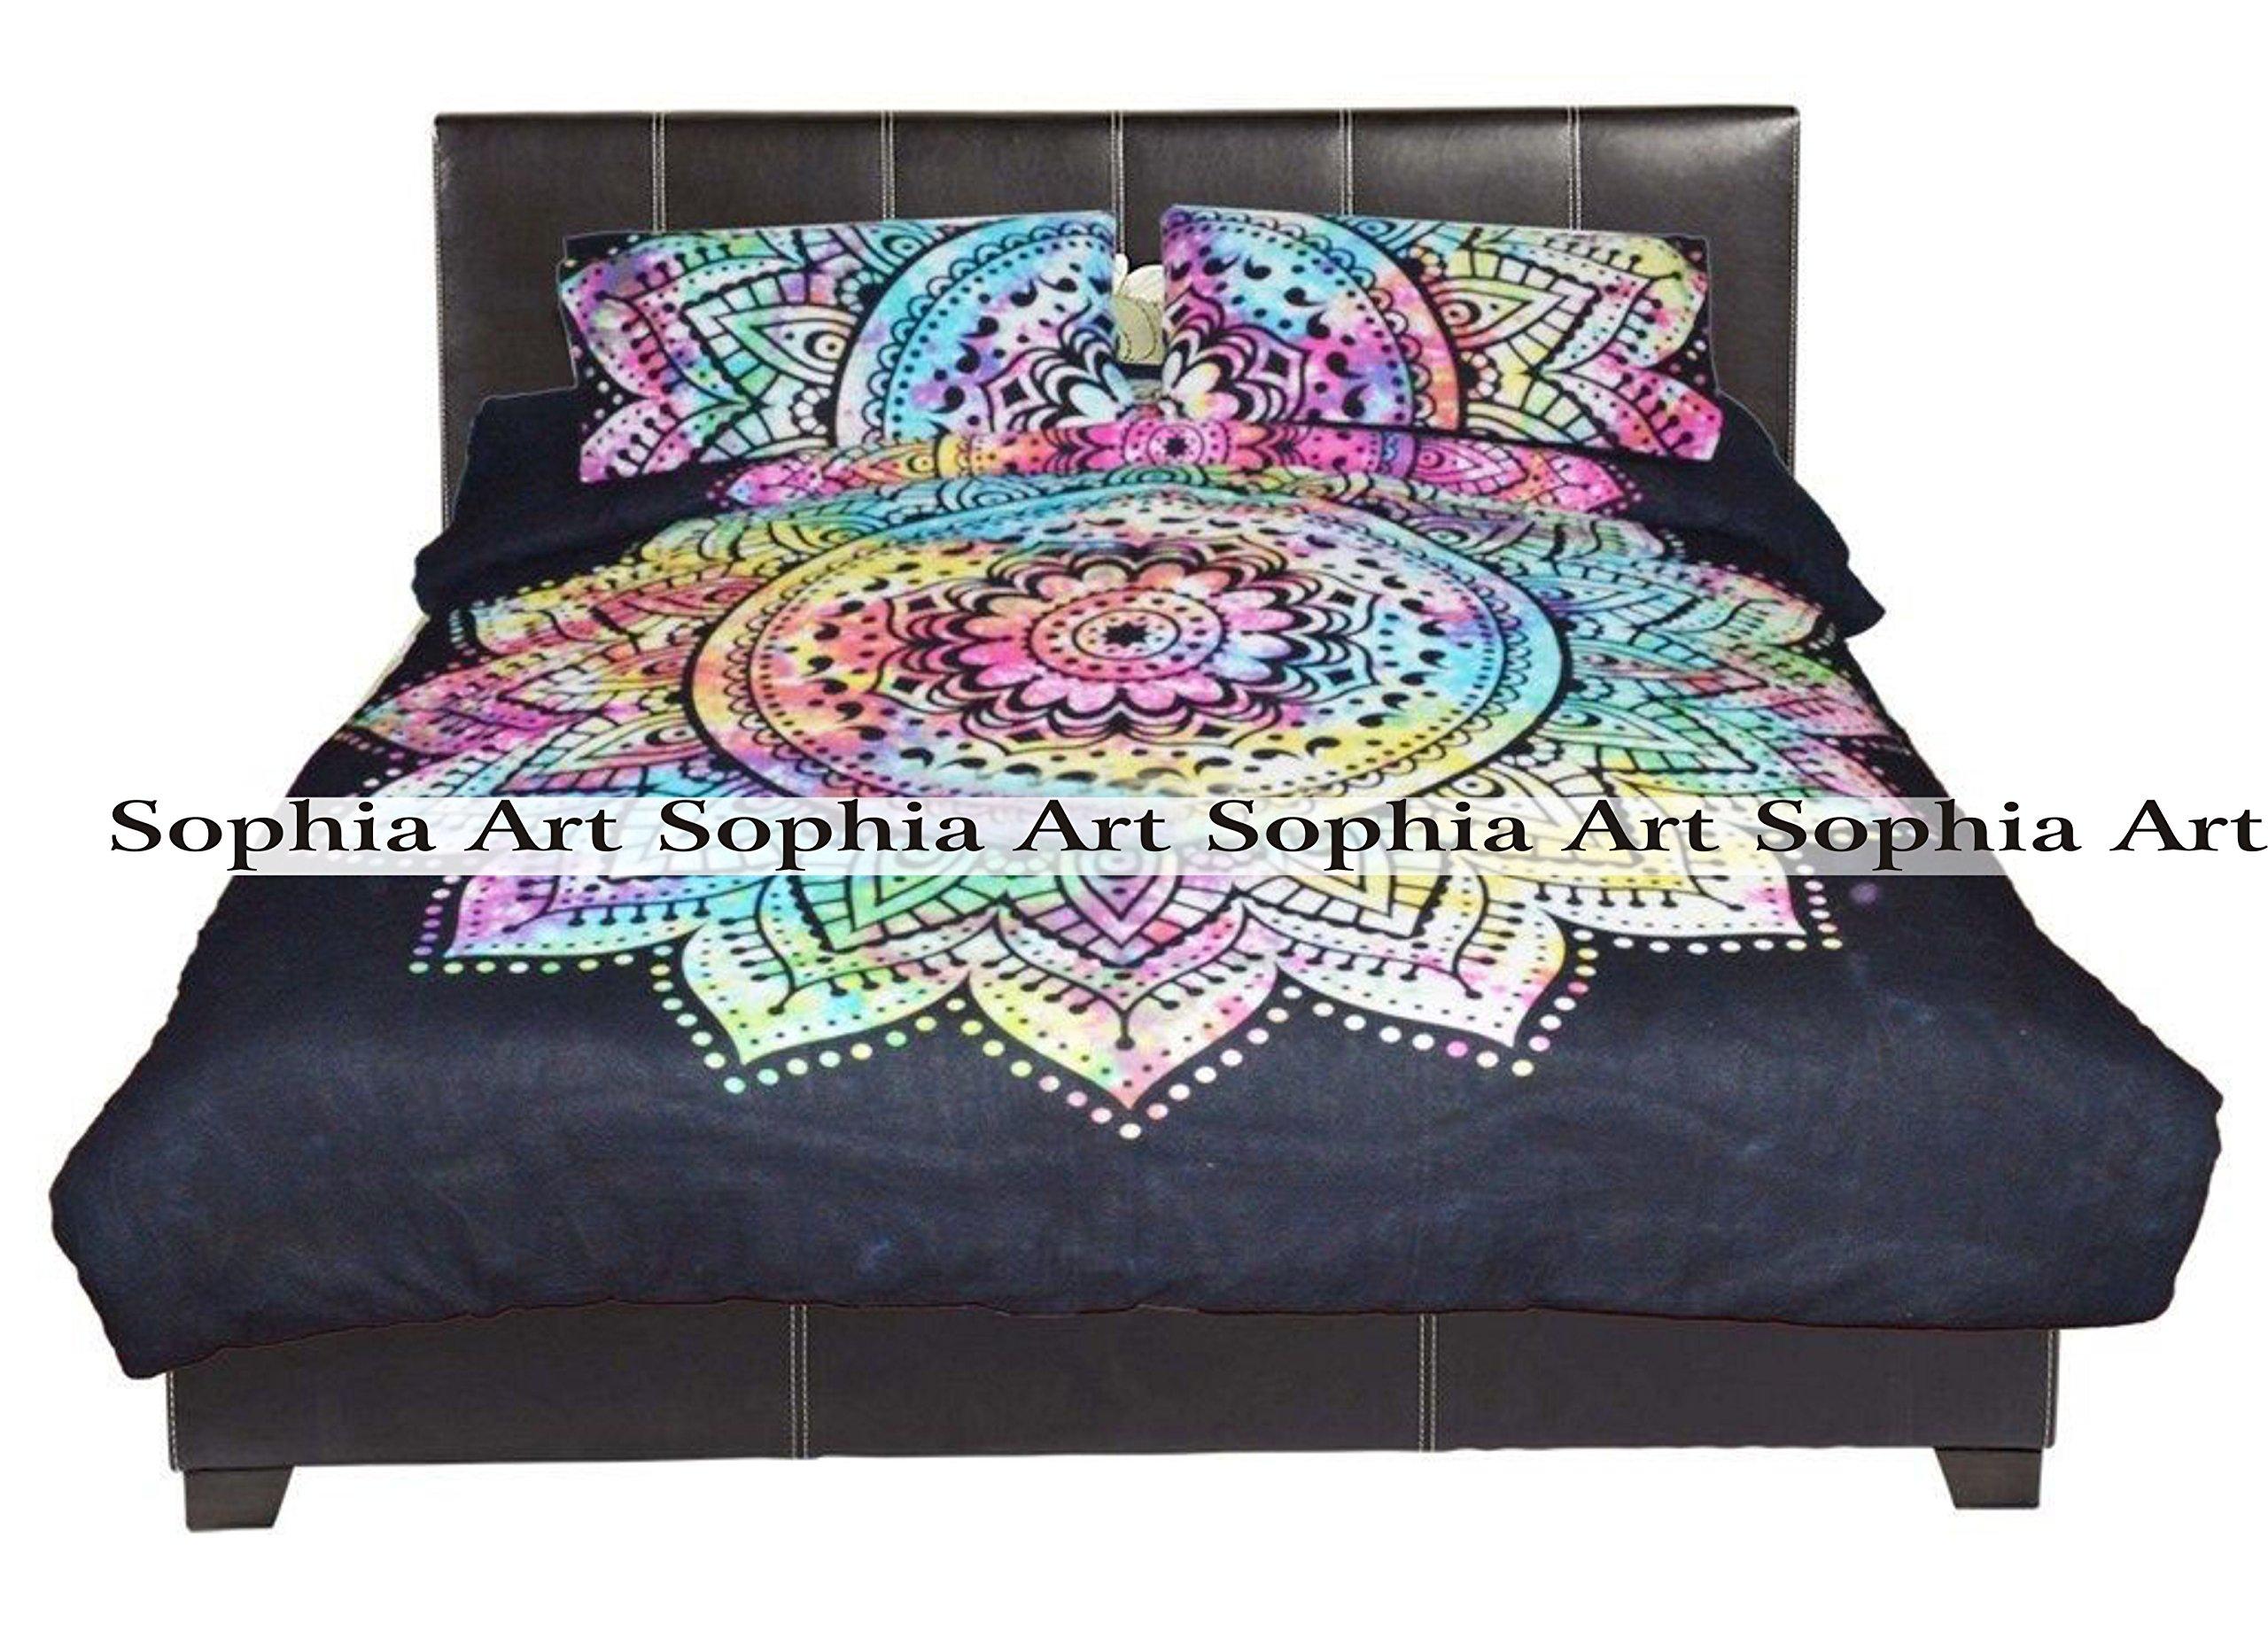 Sophia Art Exclusive Tye & Dye Flower ombre Duvet Doona Quilt Cover Comforter Indian Ombre Mandala Hippie Bohemian Queen Set With Pilow Cover